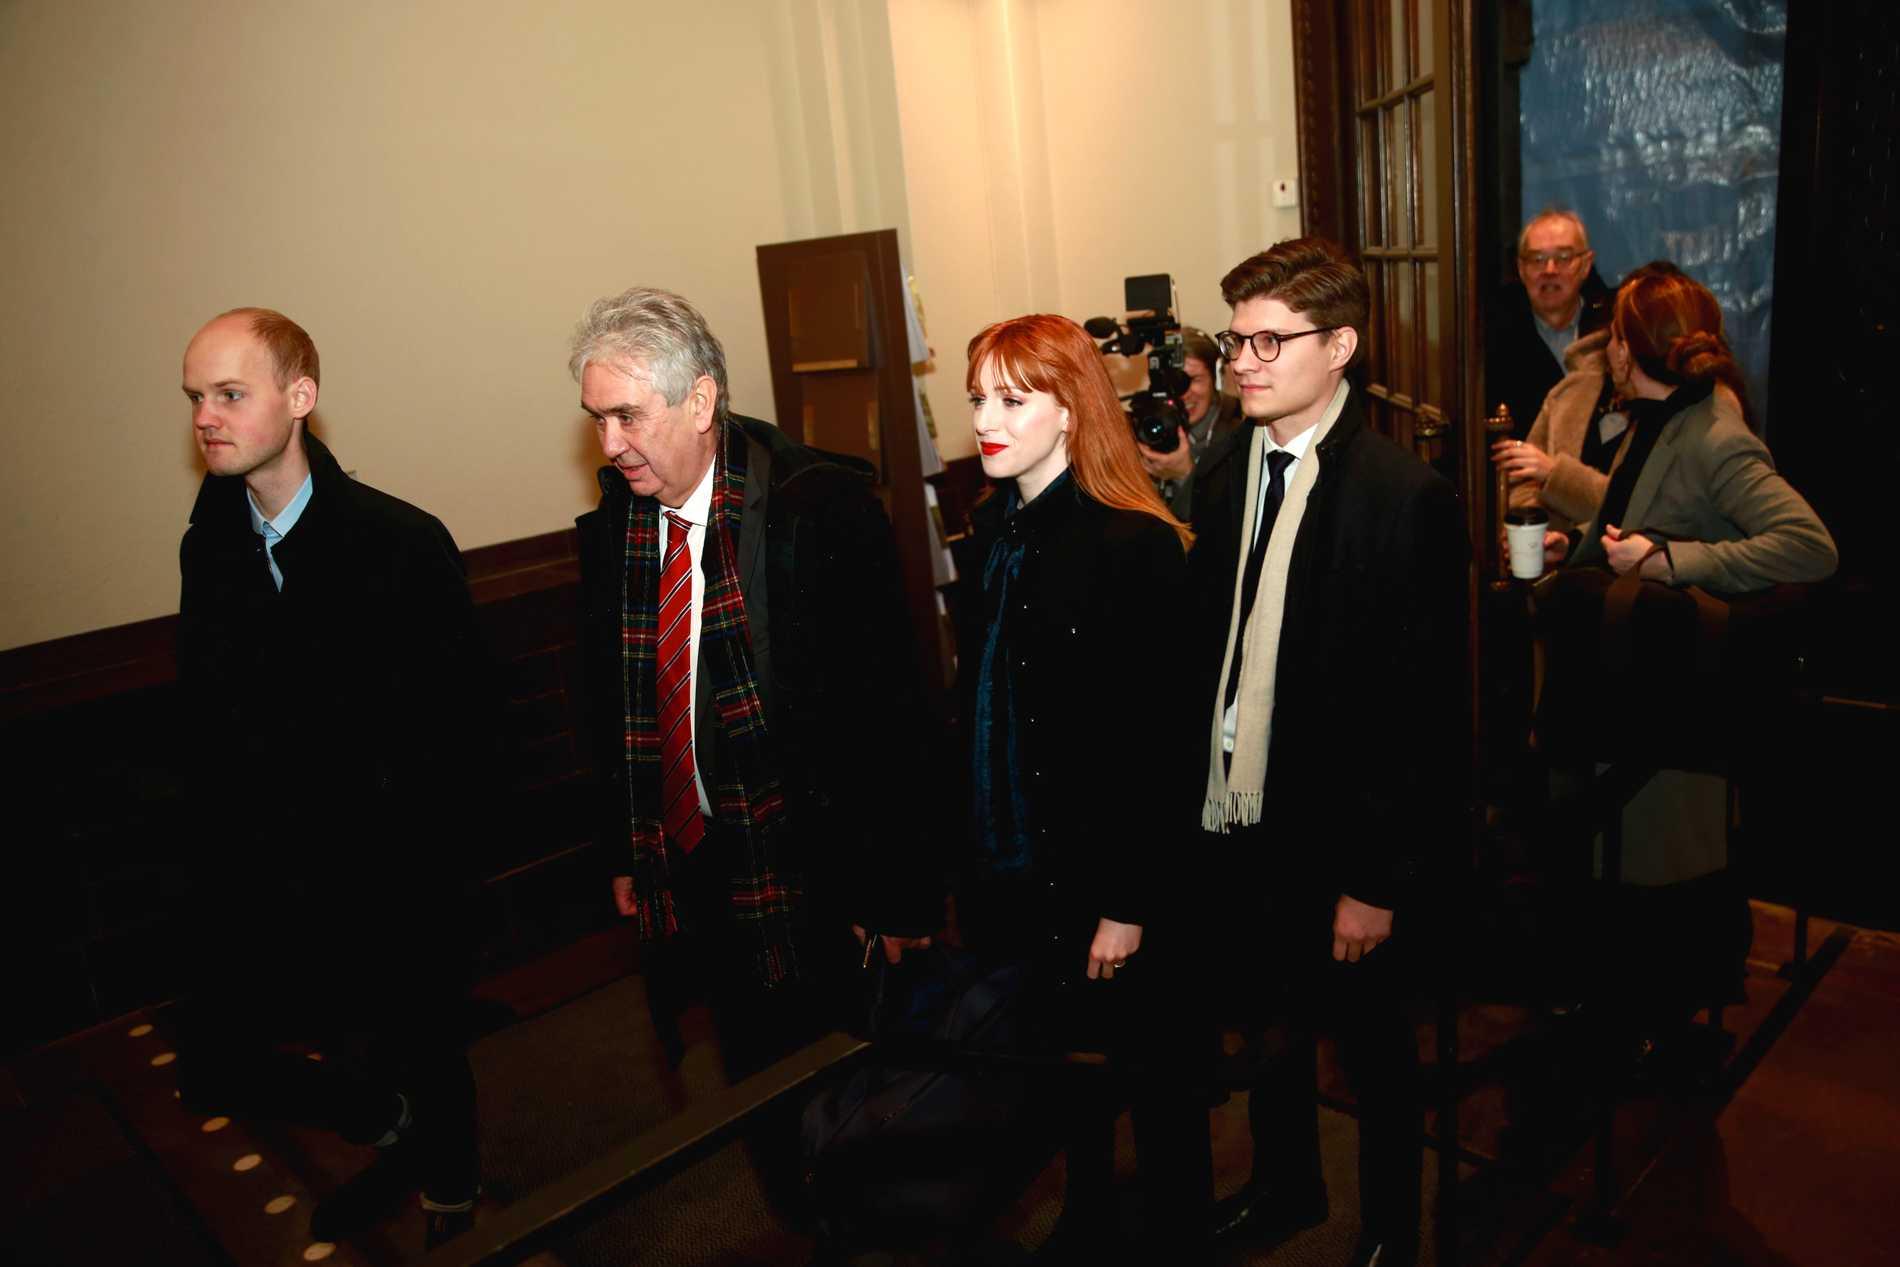 Nu möts Cissi Wallin och Fredrik Virtanen i rätten